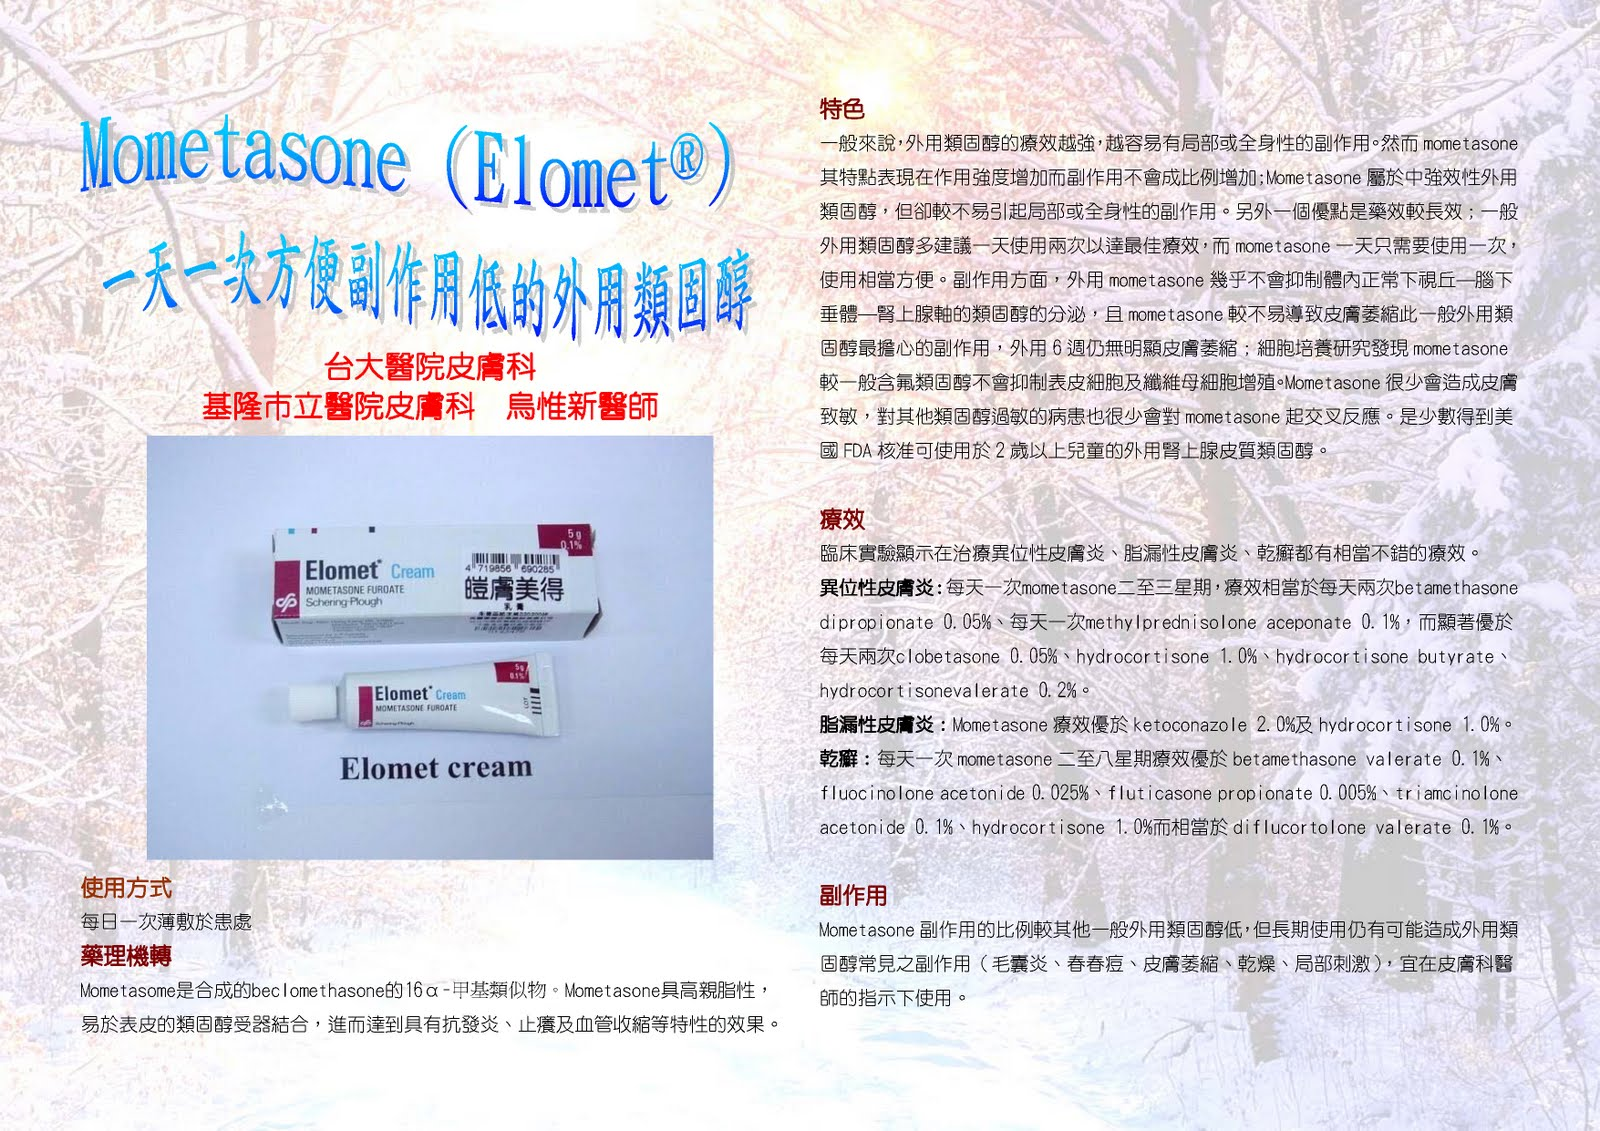 外用類固醇   [組圖+影片] 的最新詳盡資料** (必看!!) - www.go2tutor.com